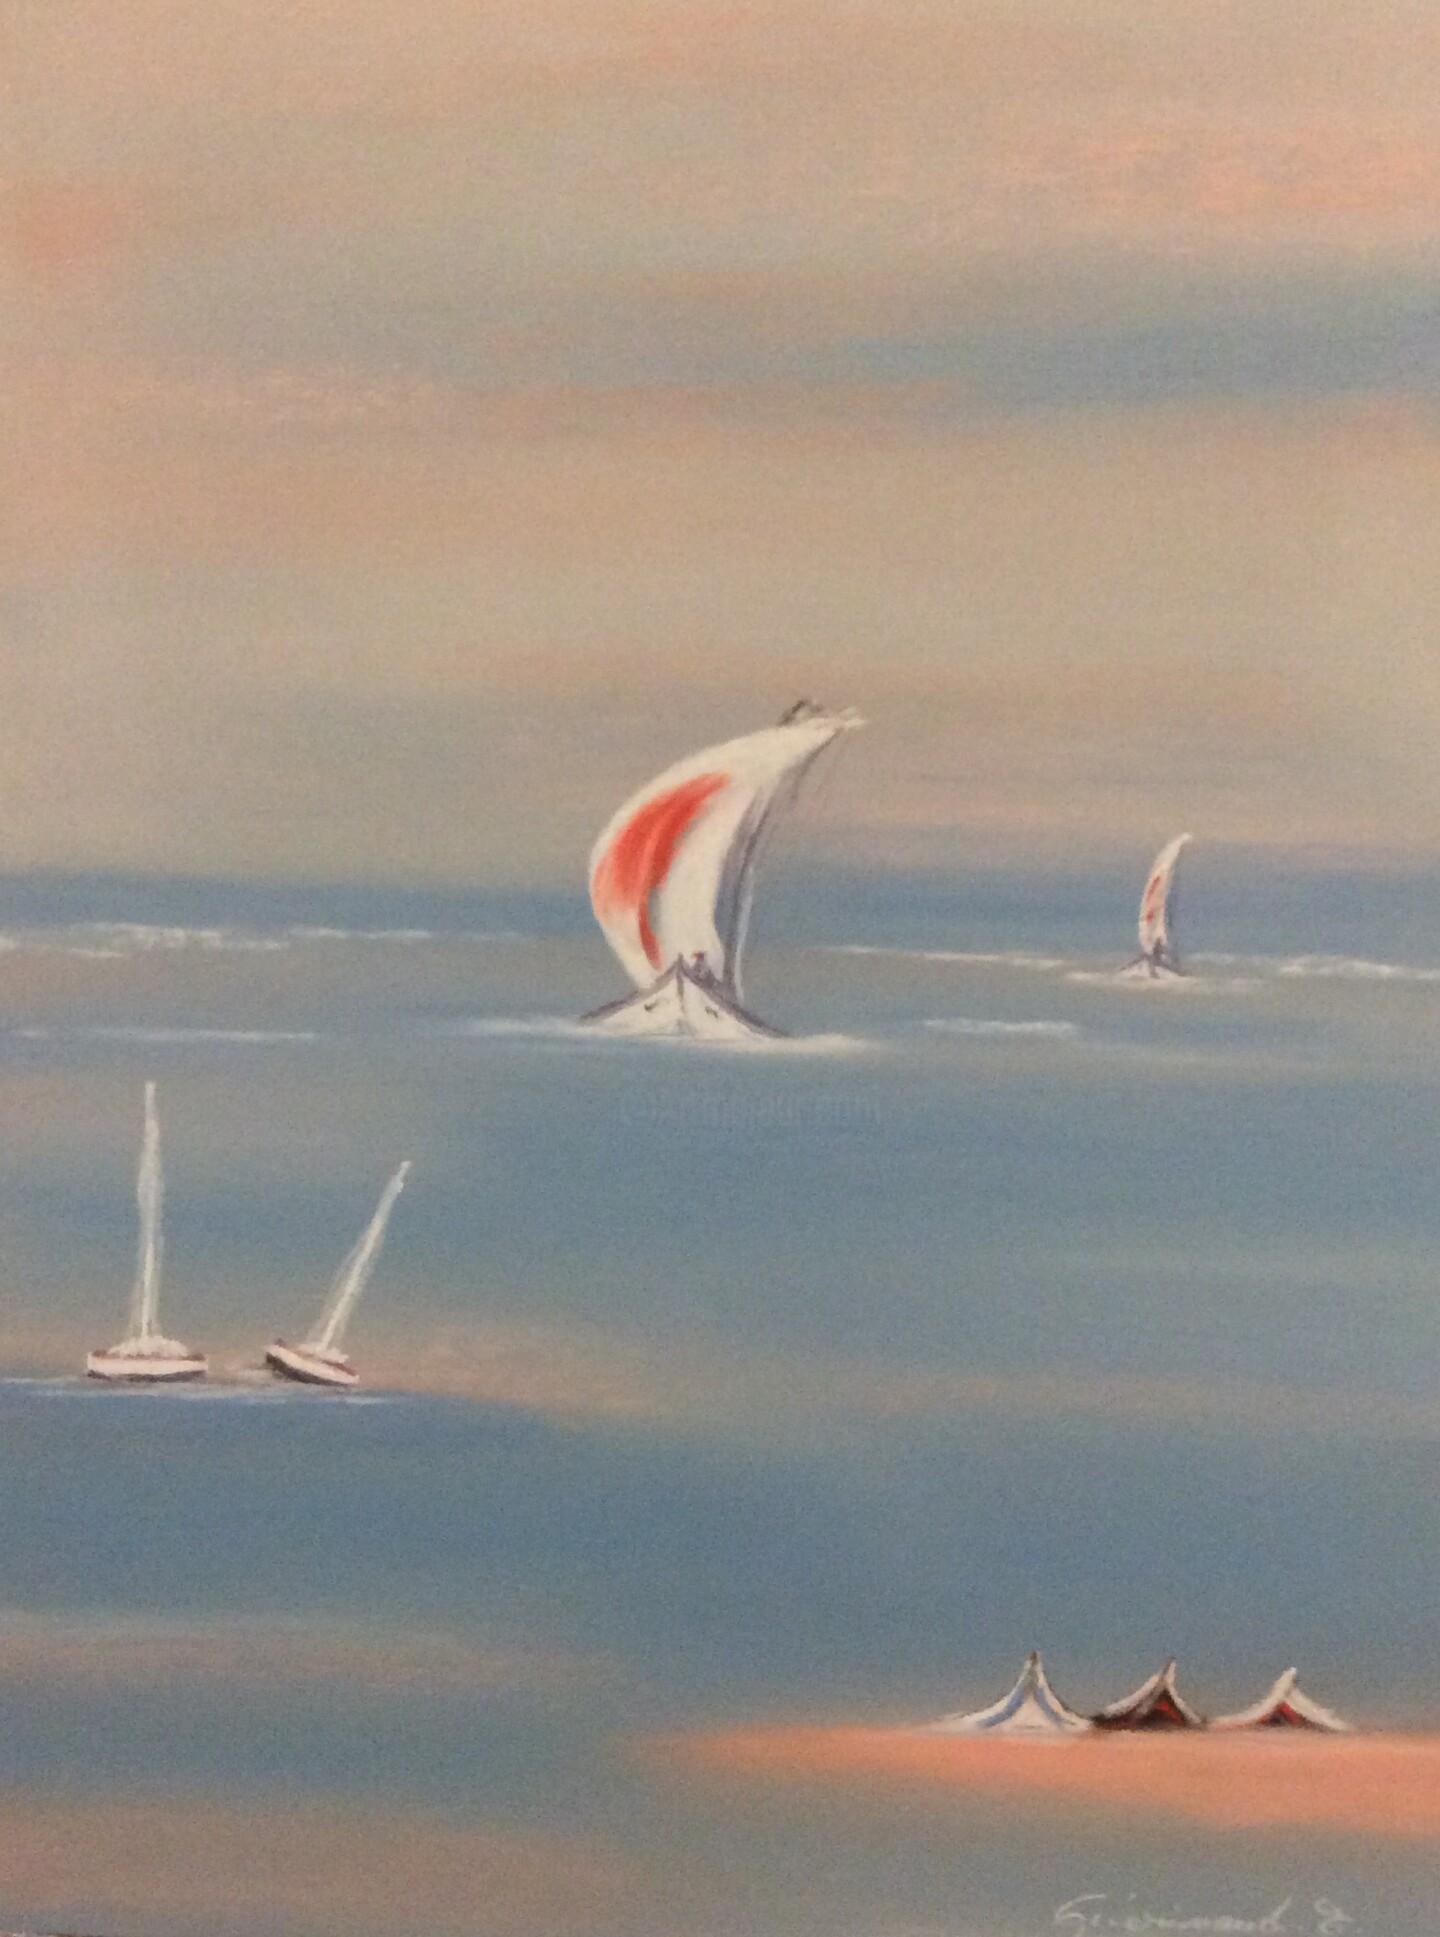 Etienne Guérinaud - Voilier en pleine course